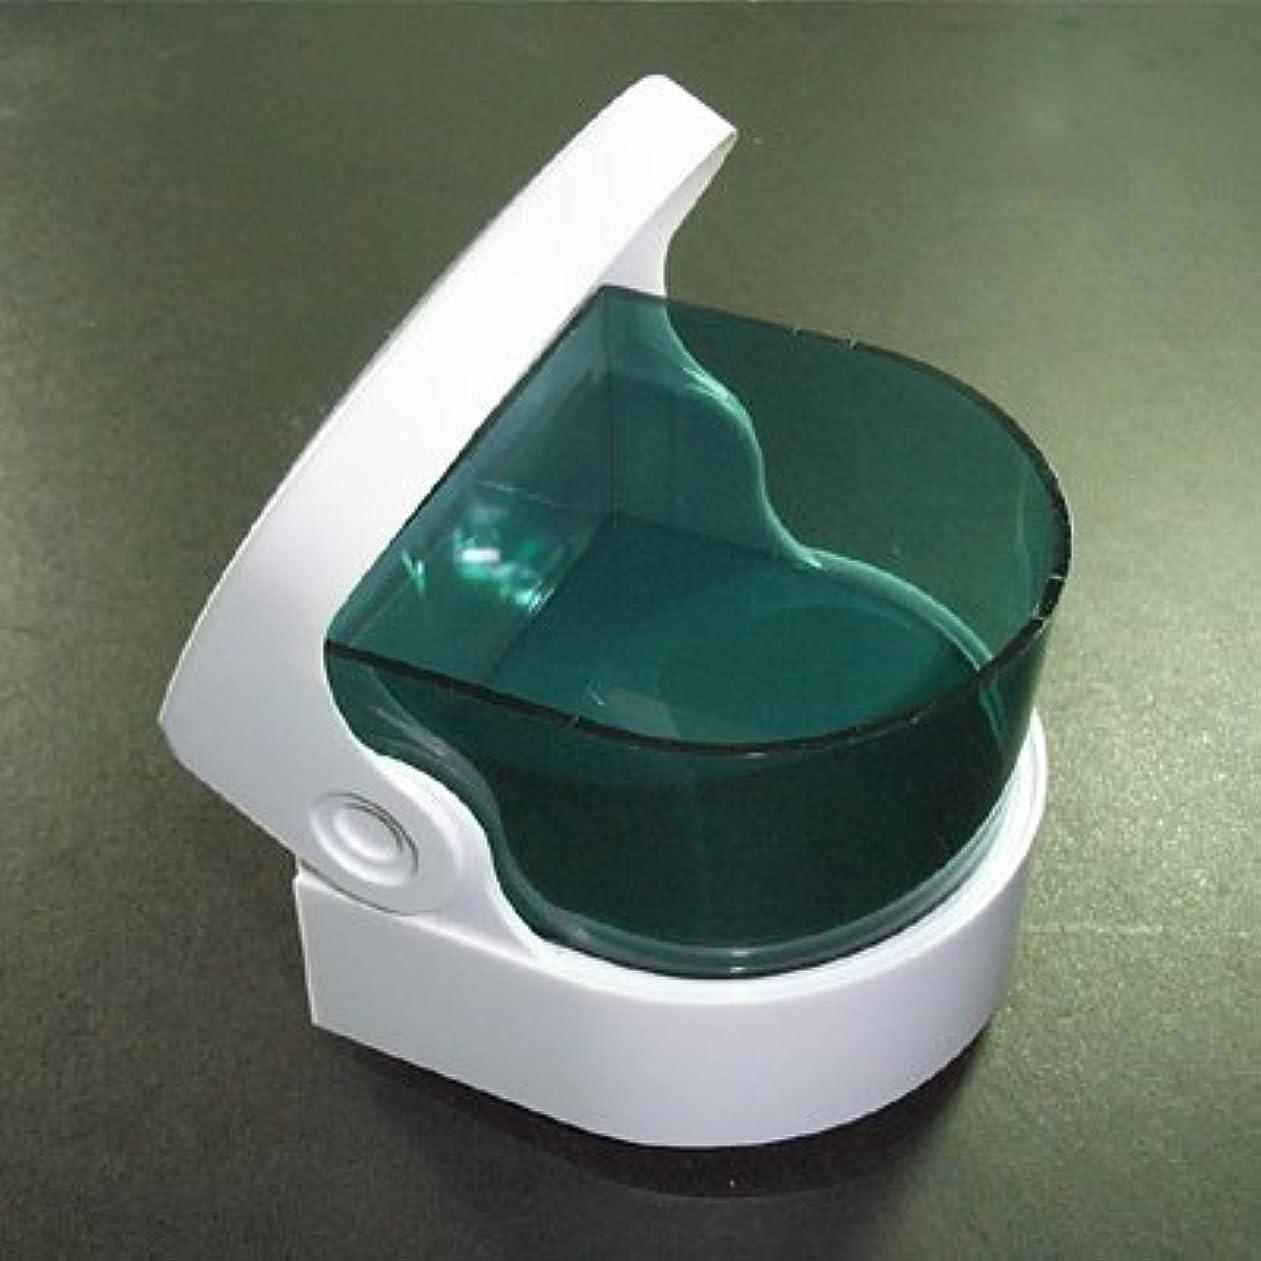 うなる顎パイント電池式 音波 洗浄器 音波振動で汚れを落とします